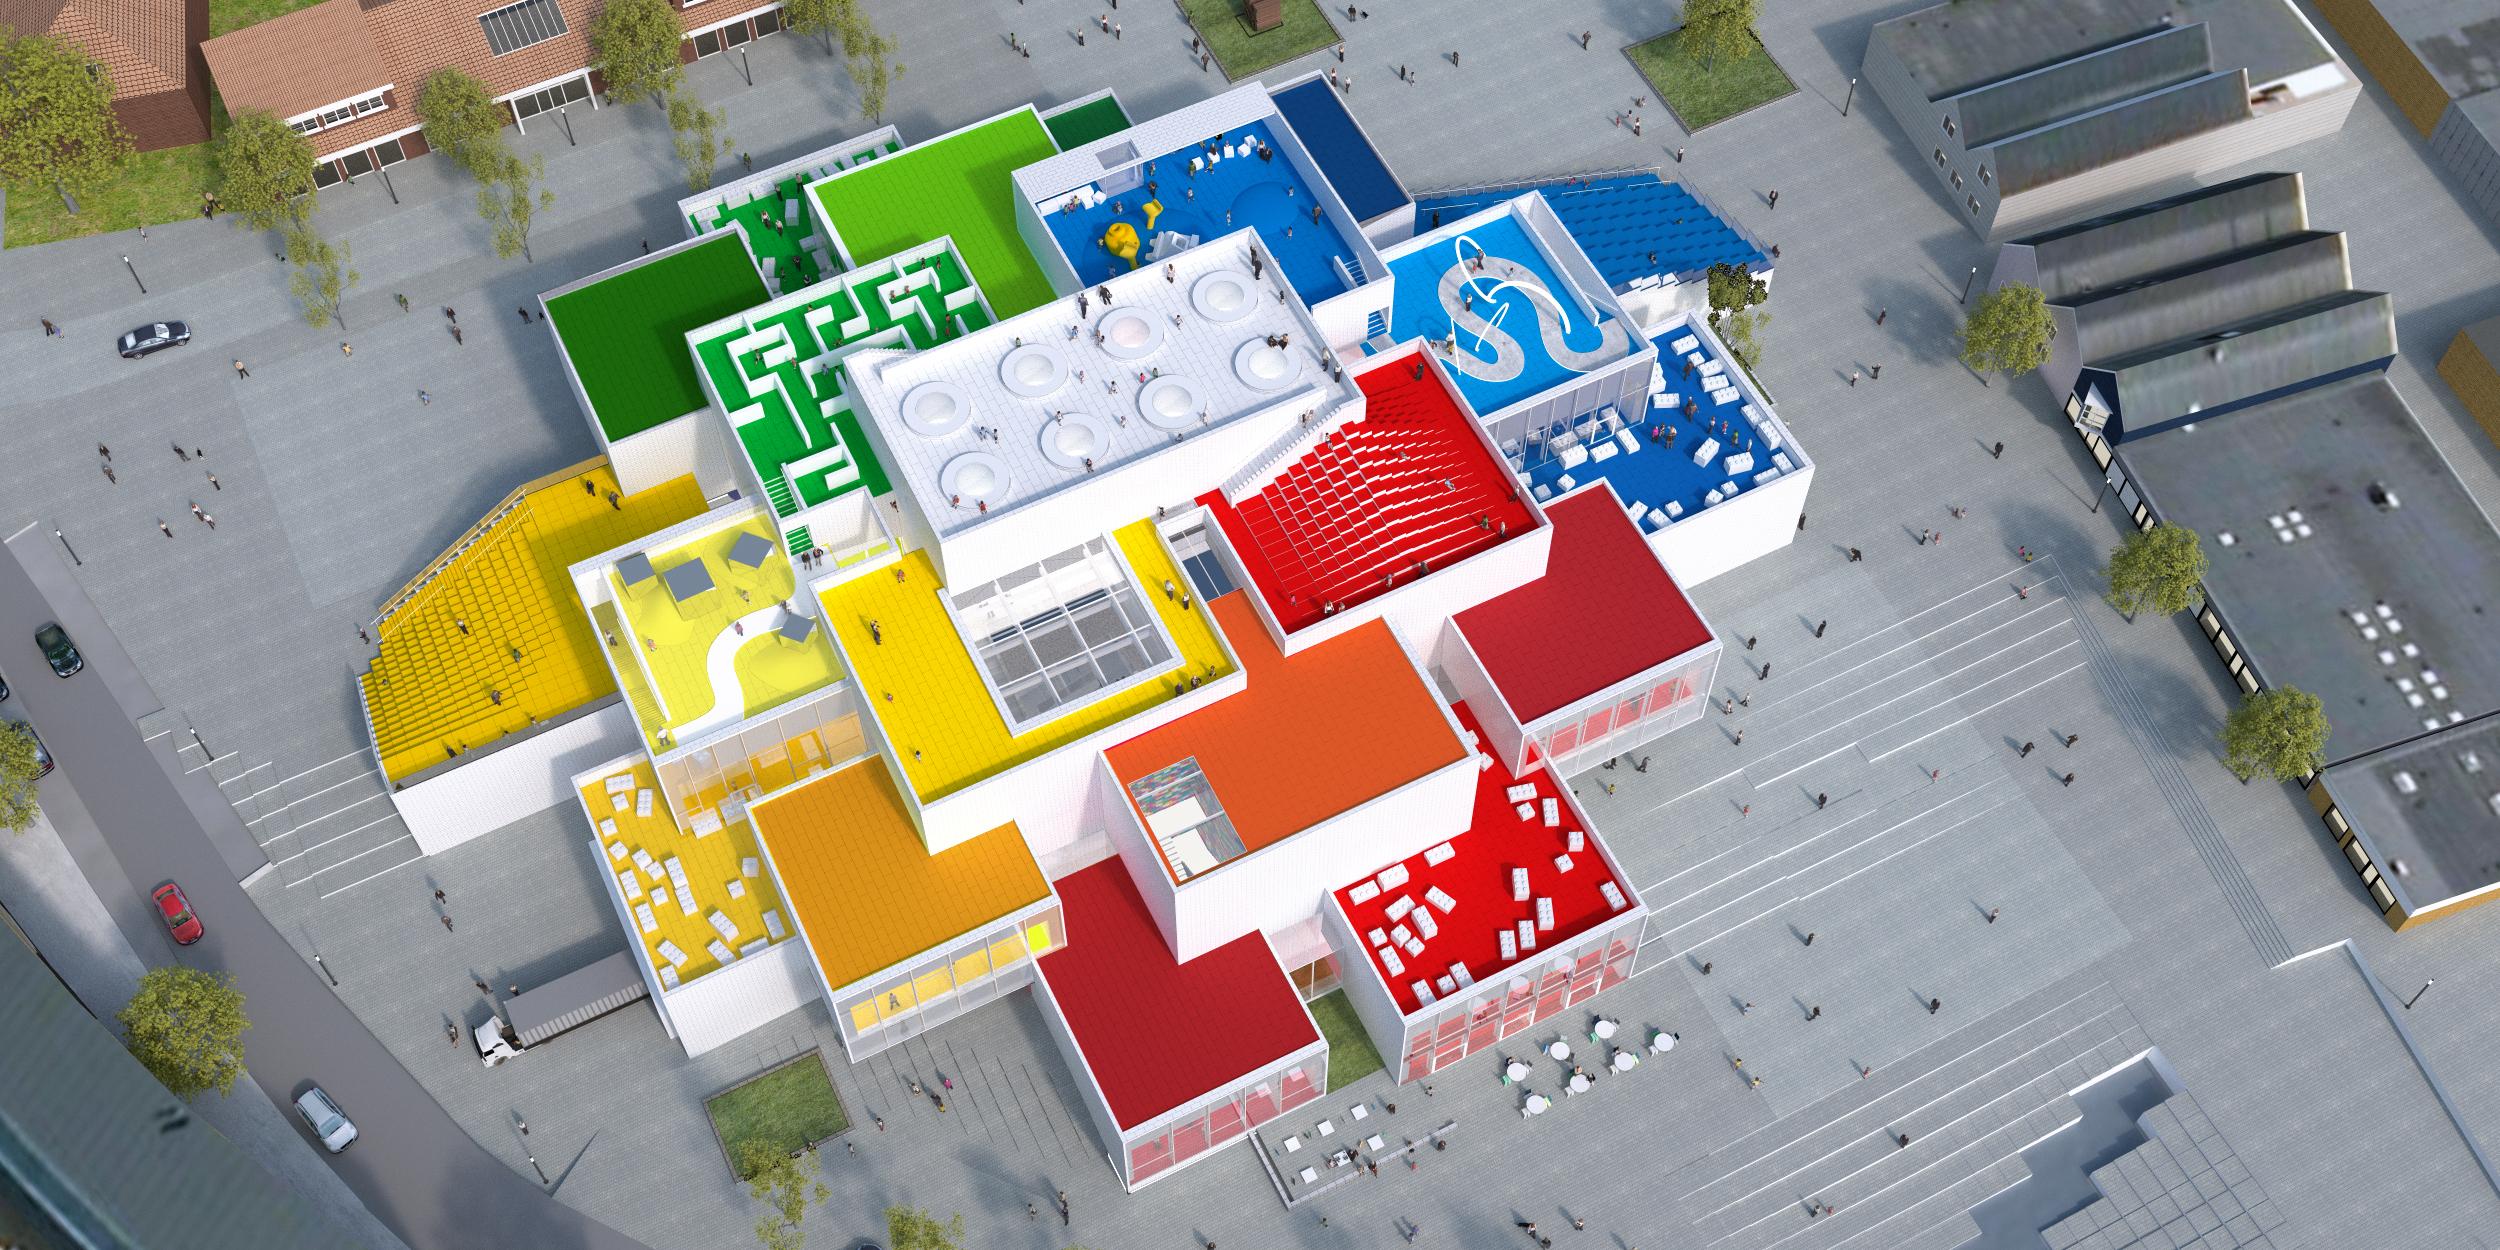 Modelo da LEGO House revela detalhes dos espaços